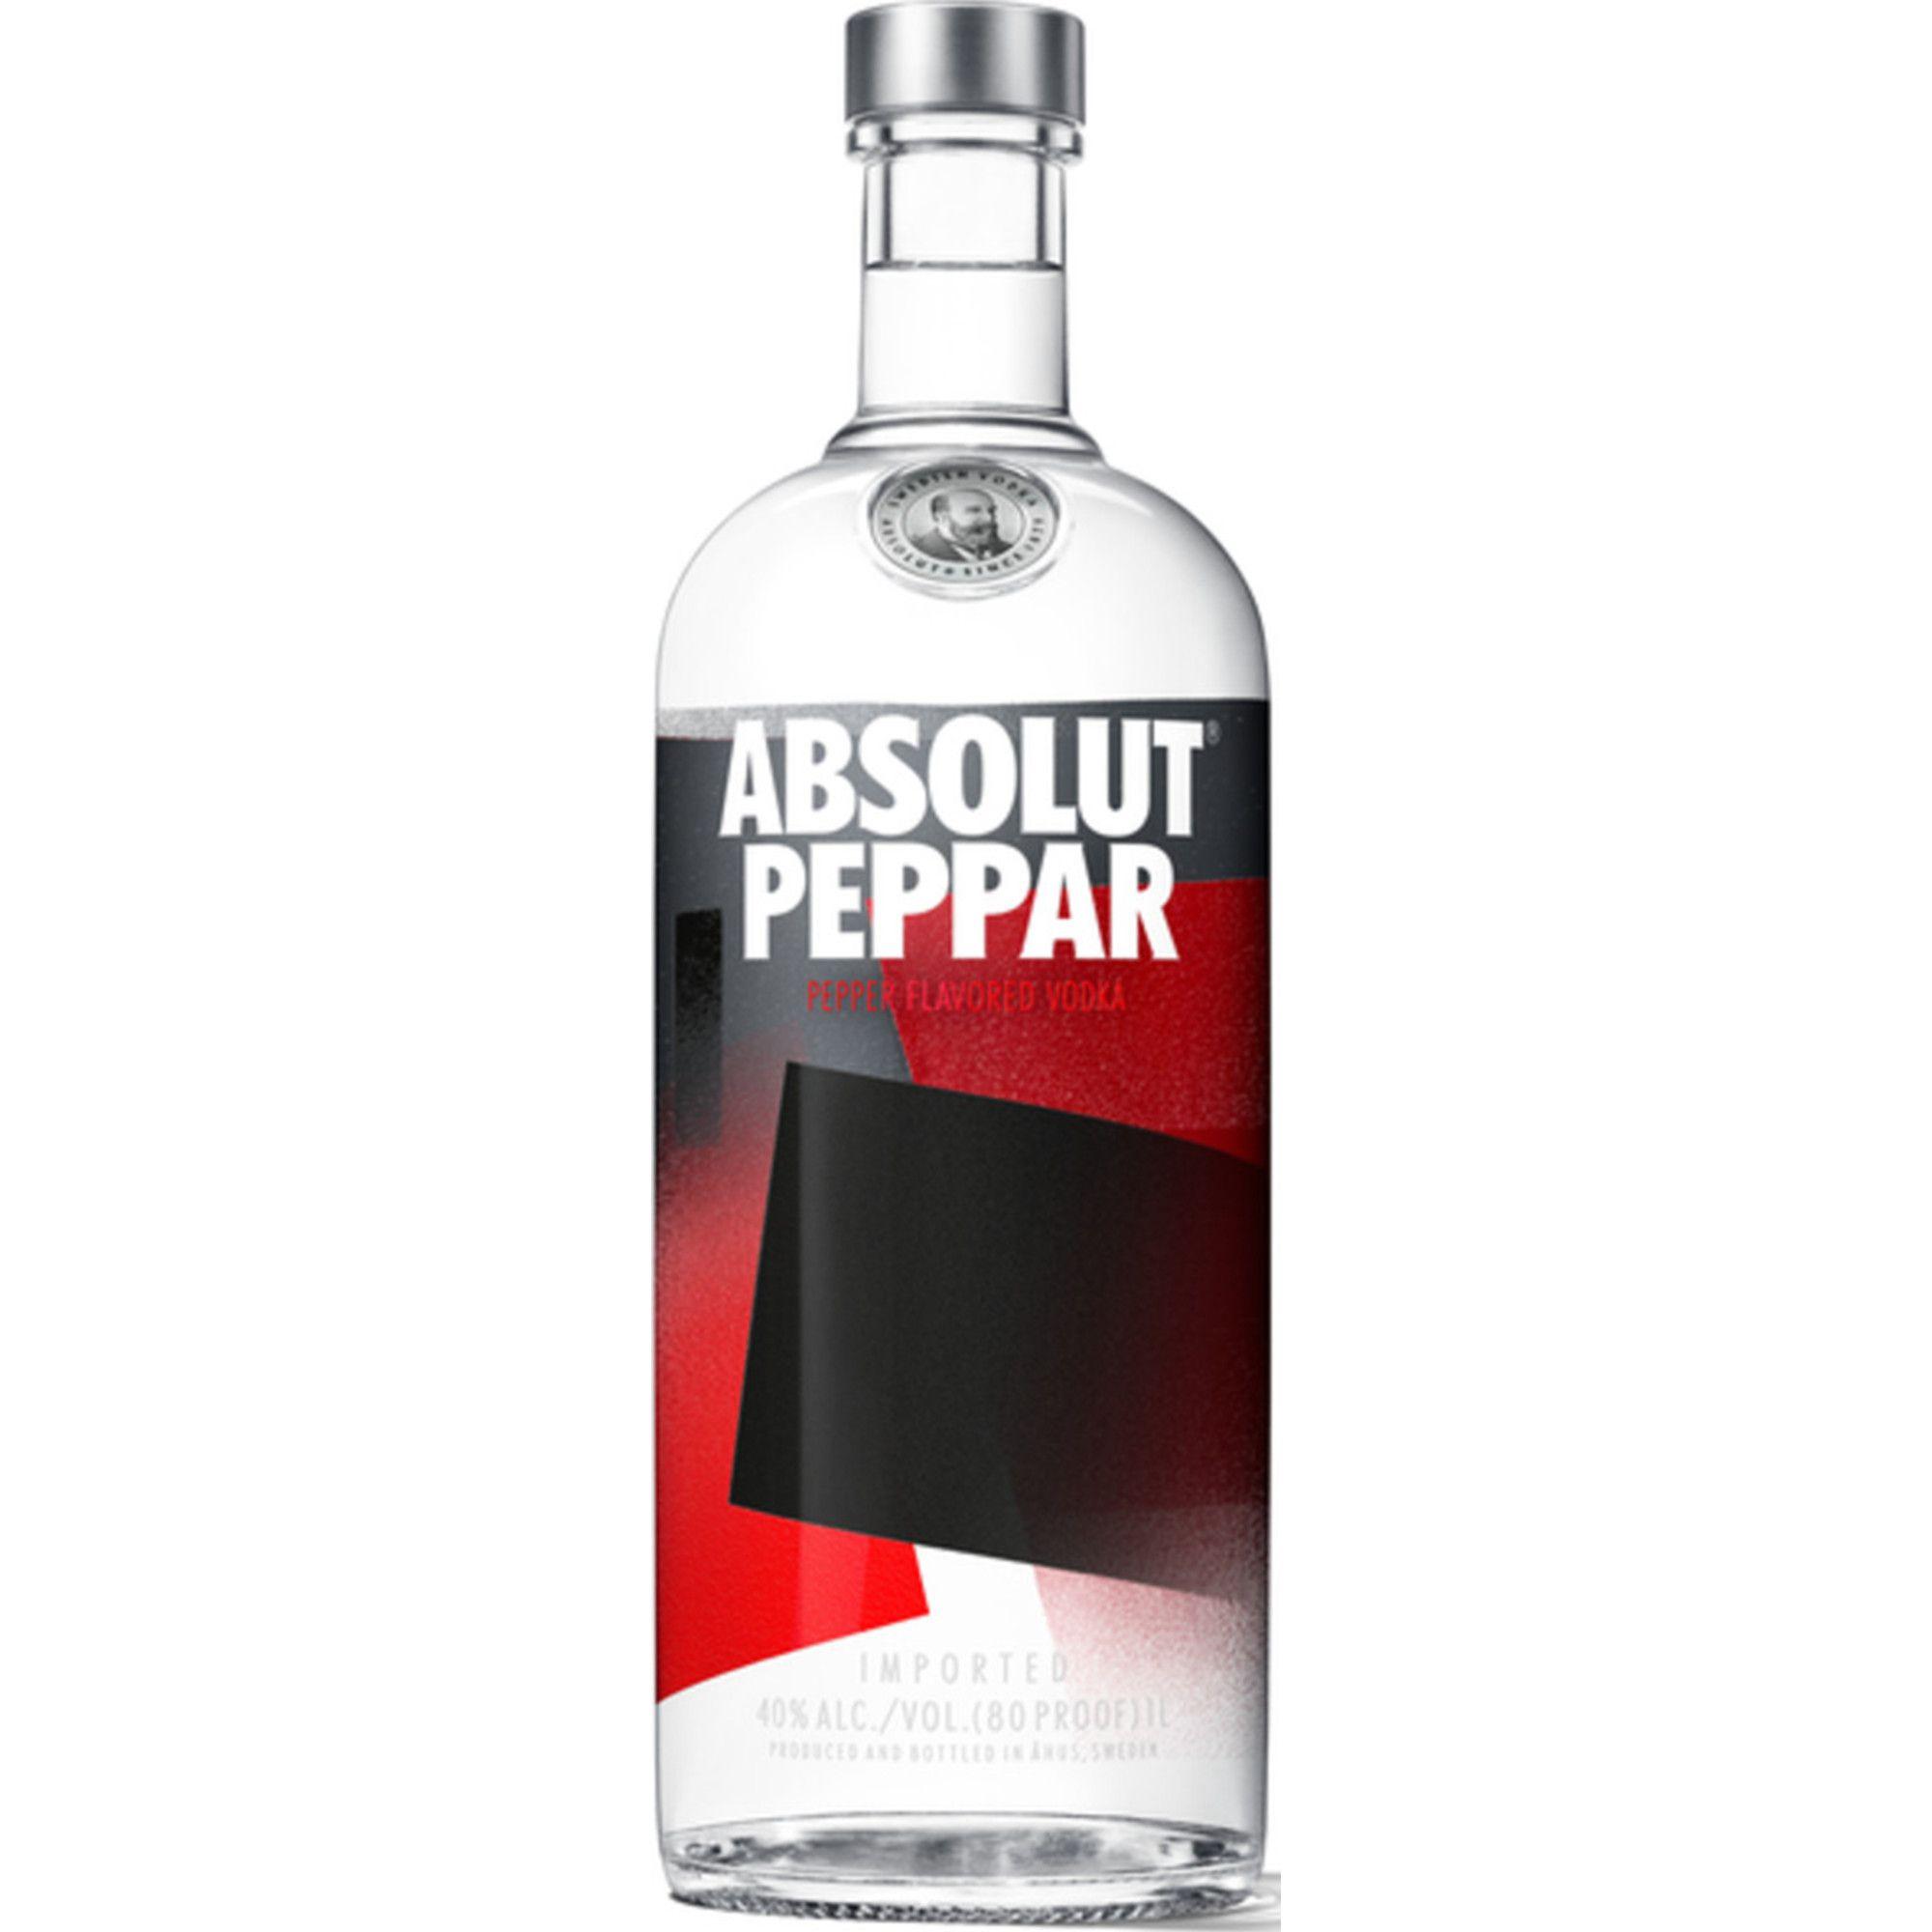 Absolut-Peppar-Vodka